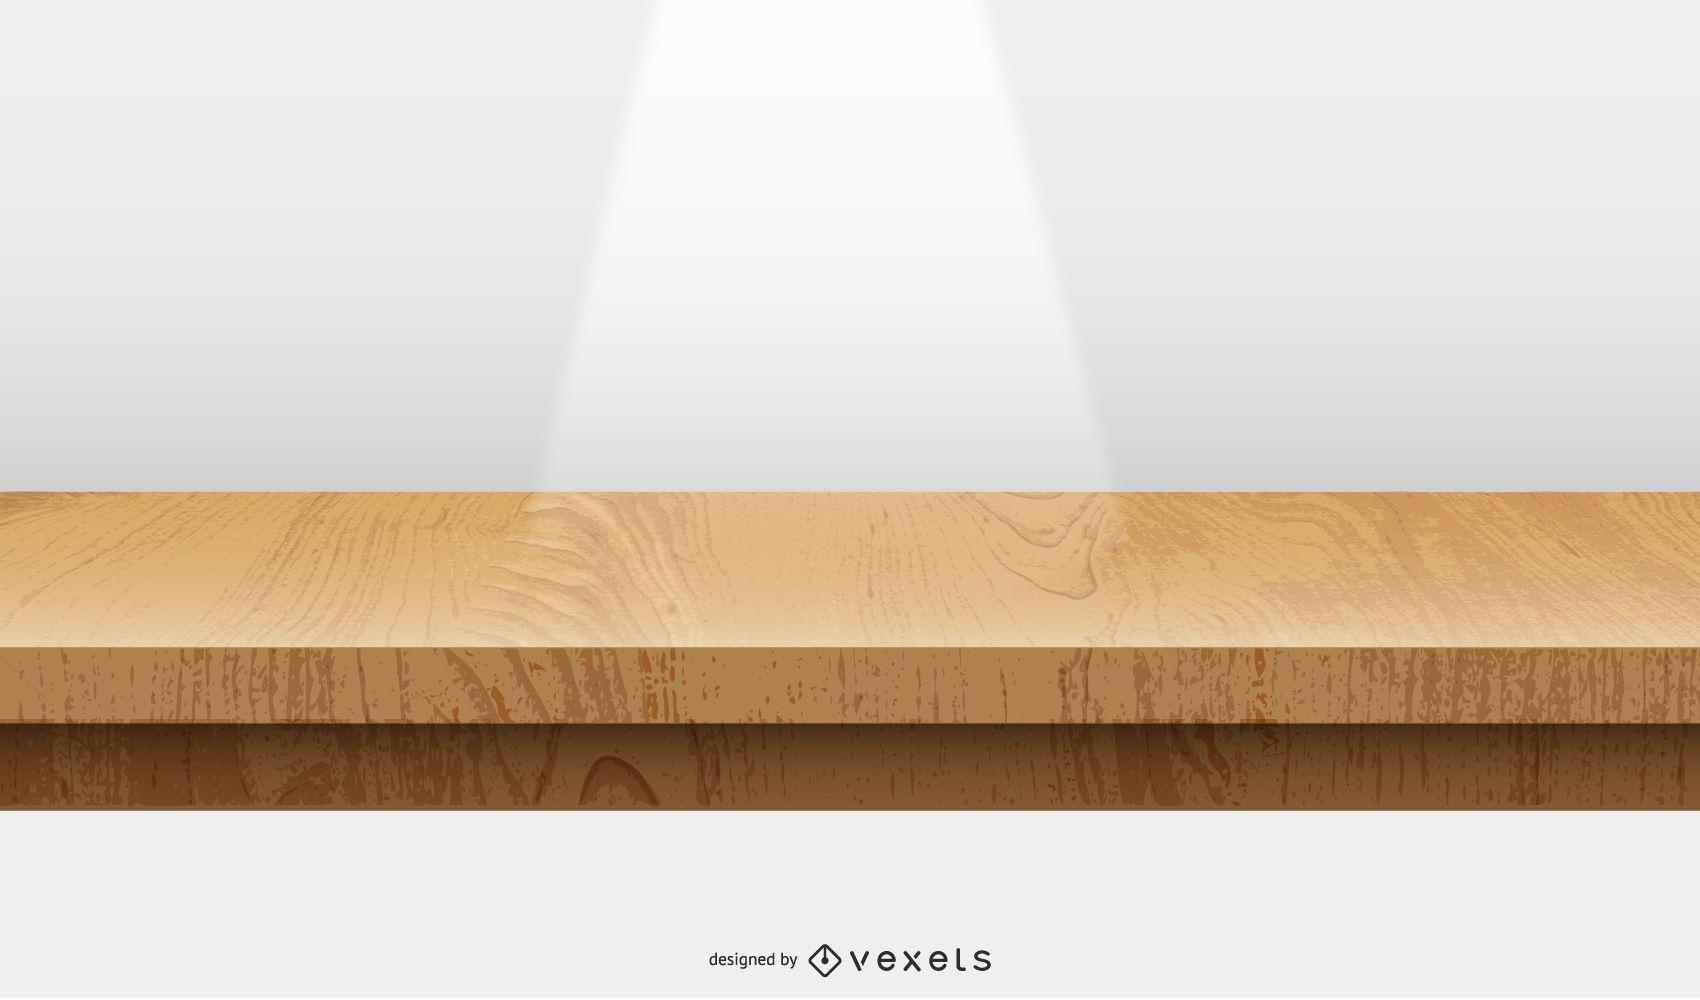 desenho de ilustração de palco de madeira